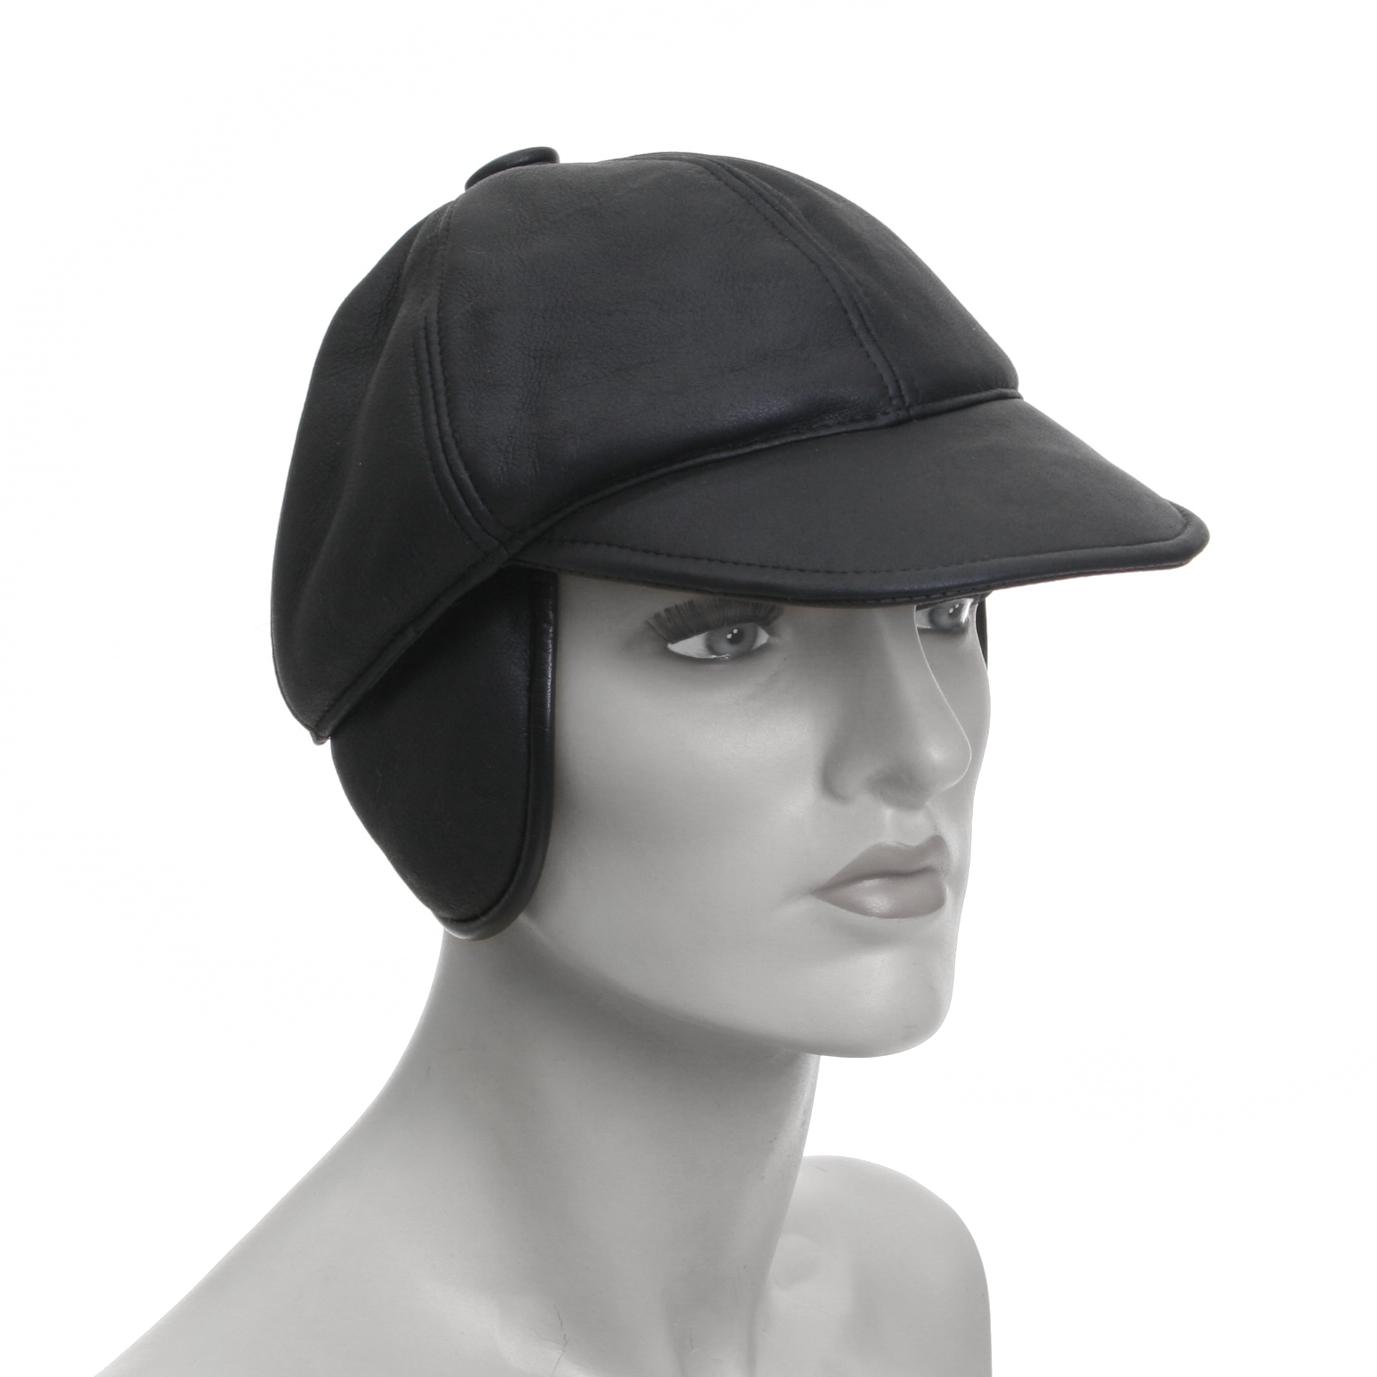 Čepice - čelenky - klapky na uši